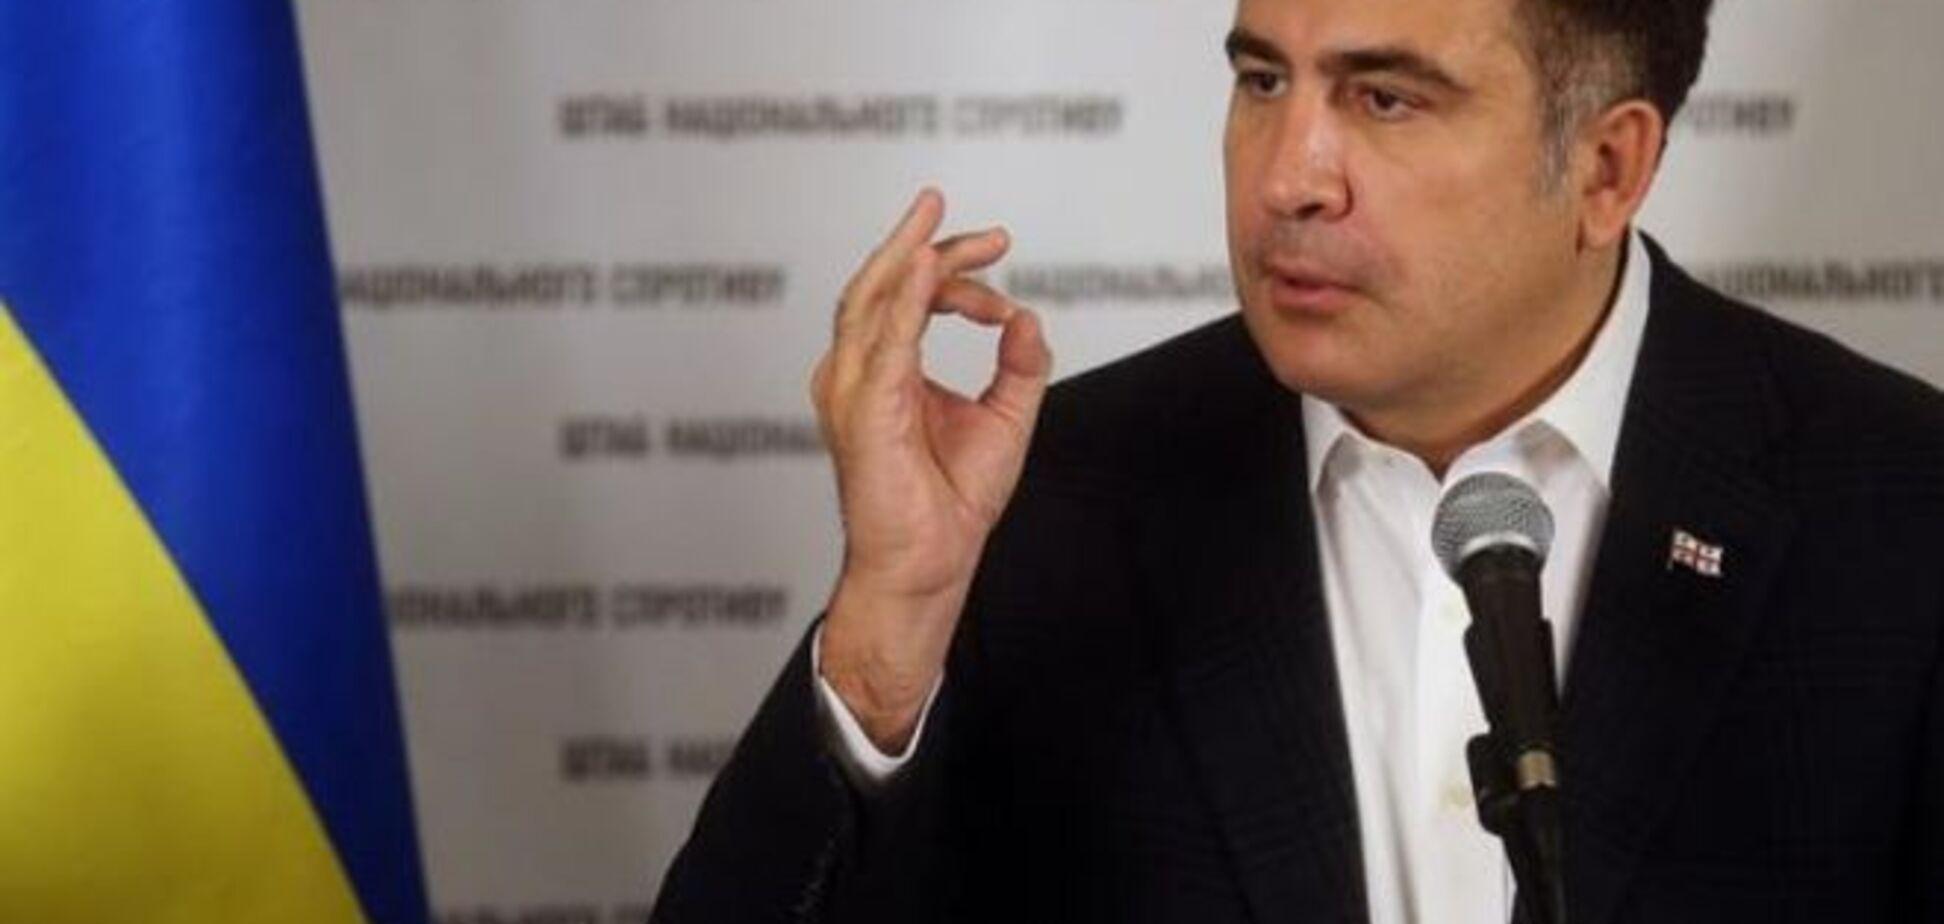 ЗМІ: Cаакашвілі просить Ярославського побудувати новий аеропорт в Одесі